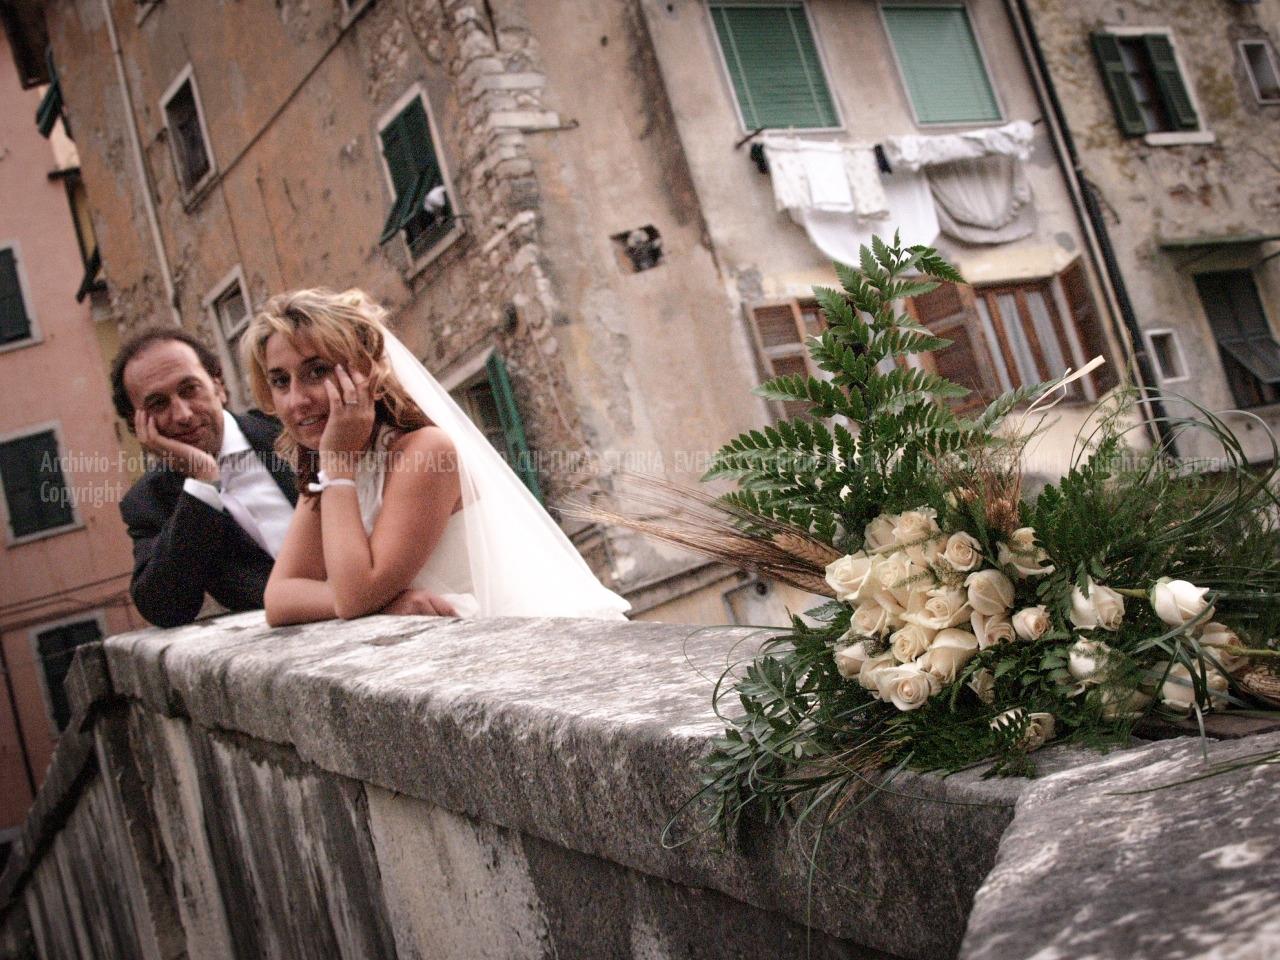 foto-342__24092005_Aronte-beni-culturali-Carrara-marmo-matrimonio-Paolo-Maddy-ponte-alle-Lacrime-Sirena